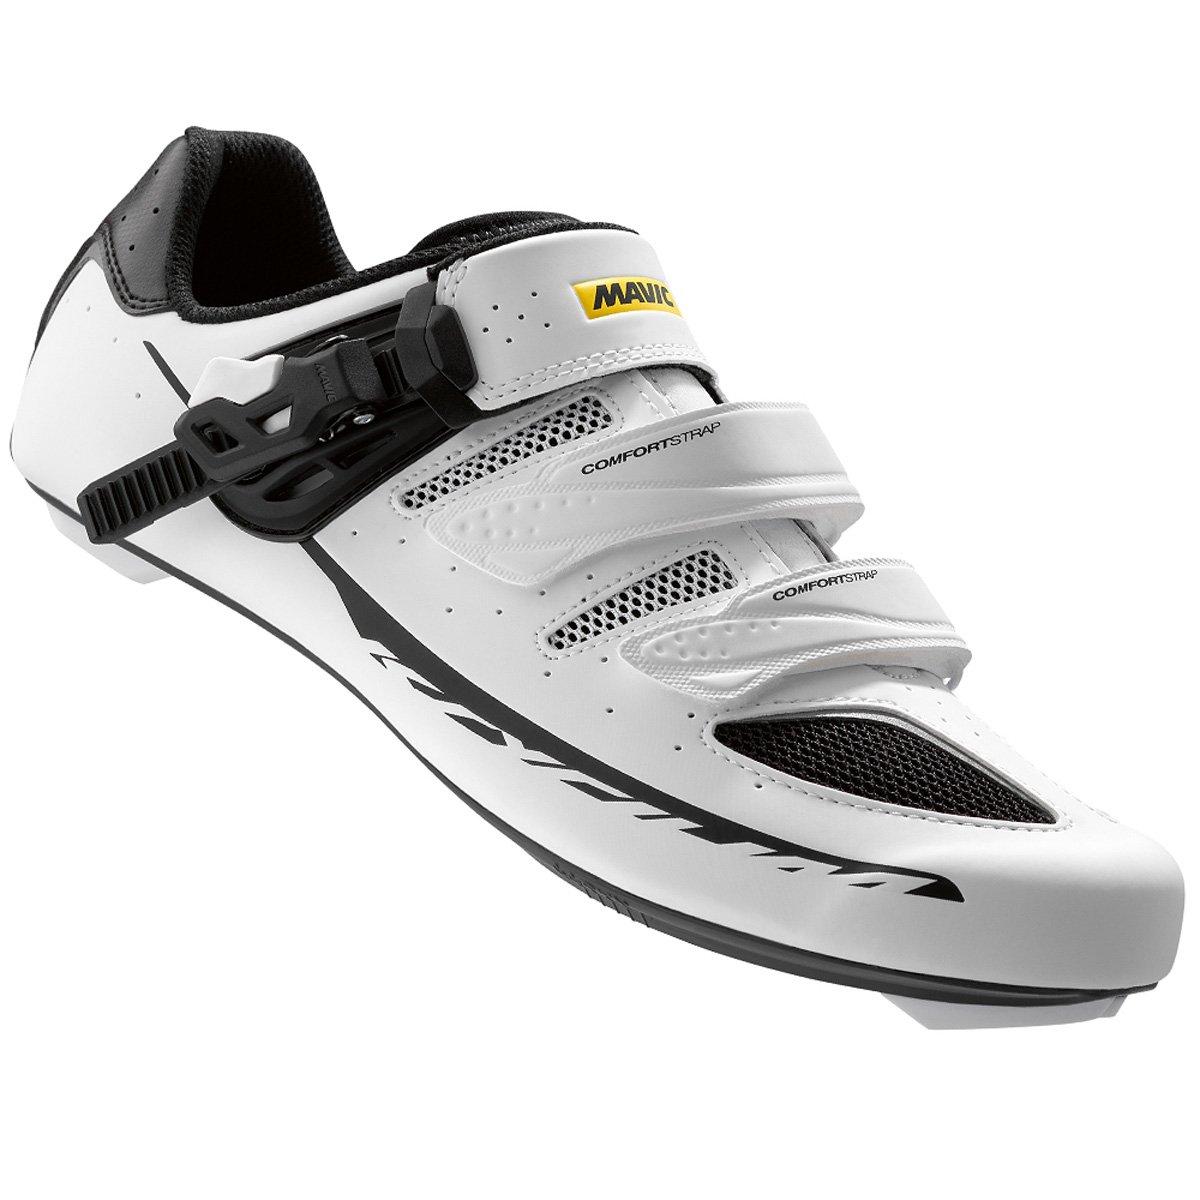 Mavic Ksyrium Elite II Shoes - Men's B0153RF6CQ 13 White/Black